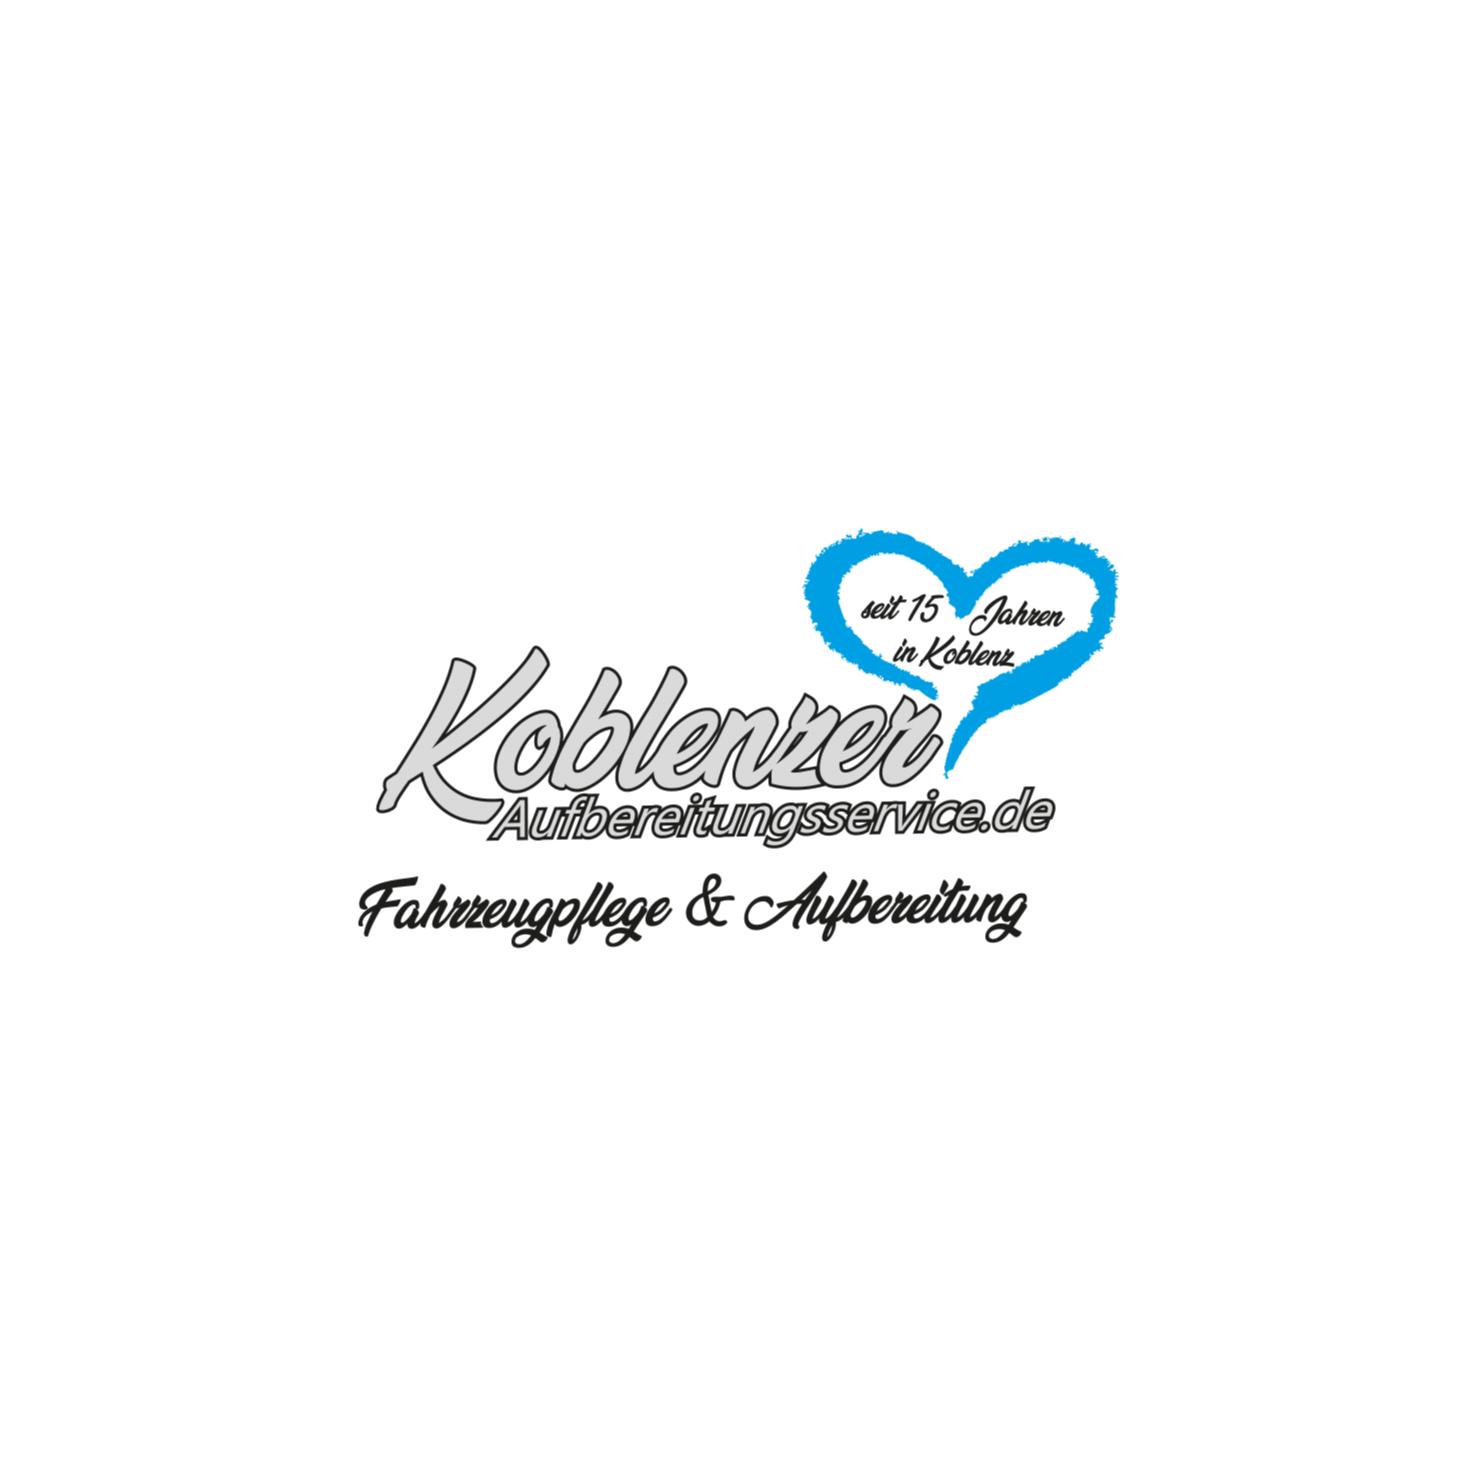 Logo von Koblenzer Aufbereitungsservice - Beni Asanov